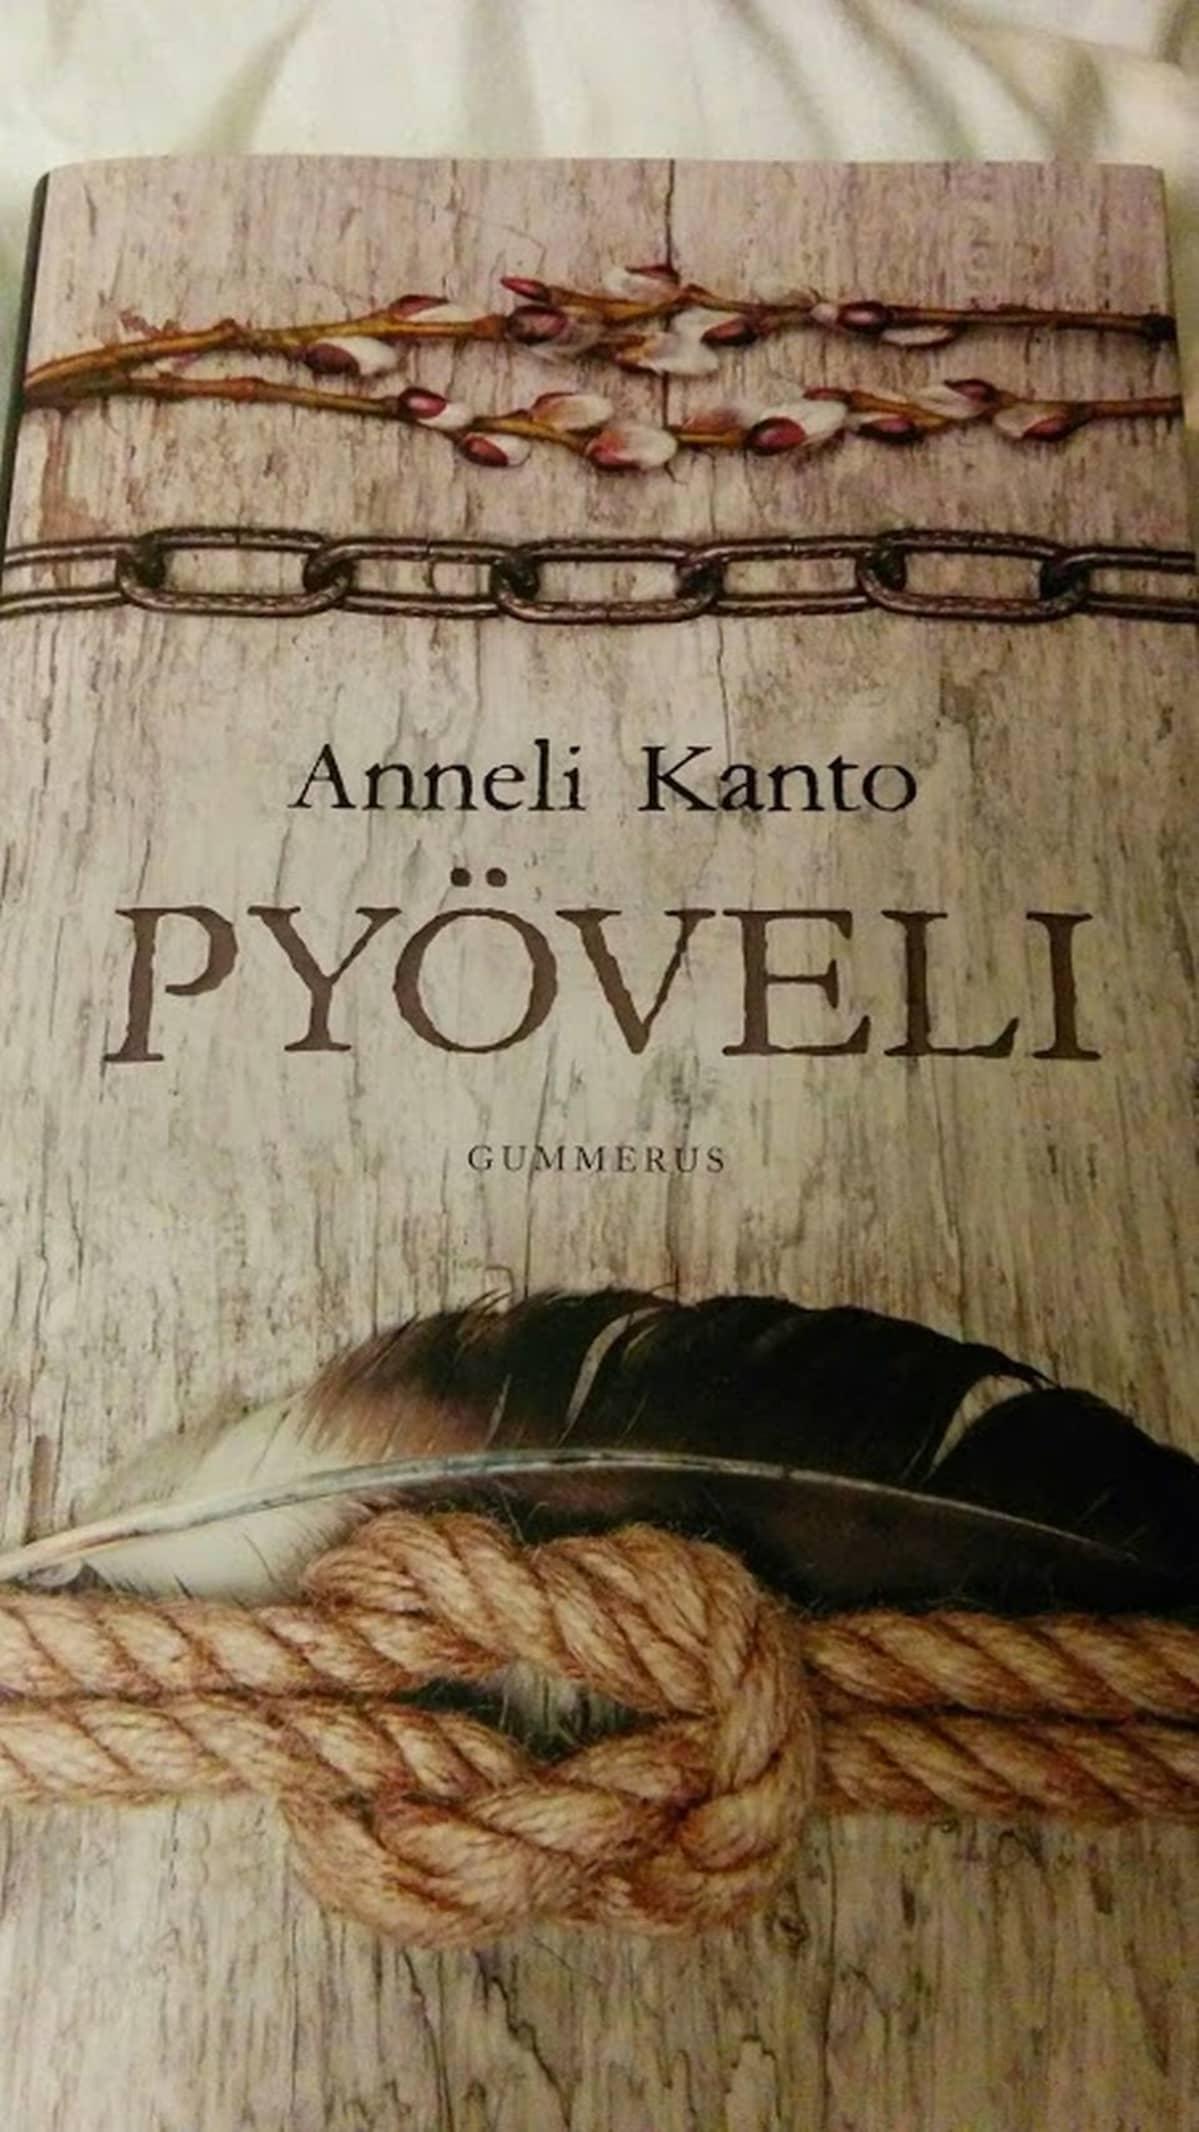 Anneli Kannon historiallinen romaani Pyöveli